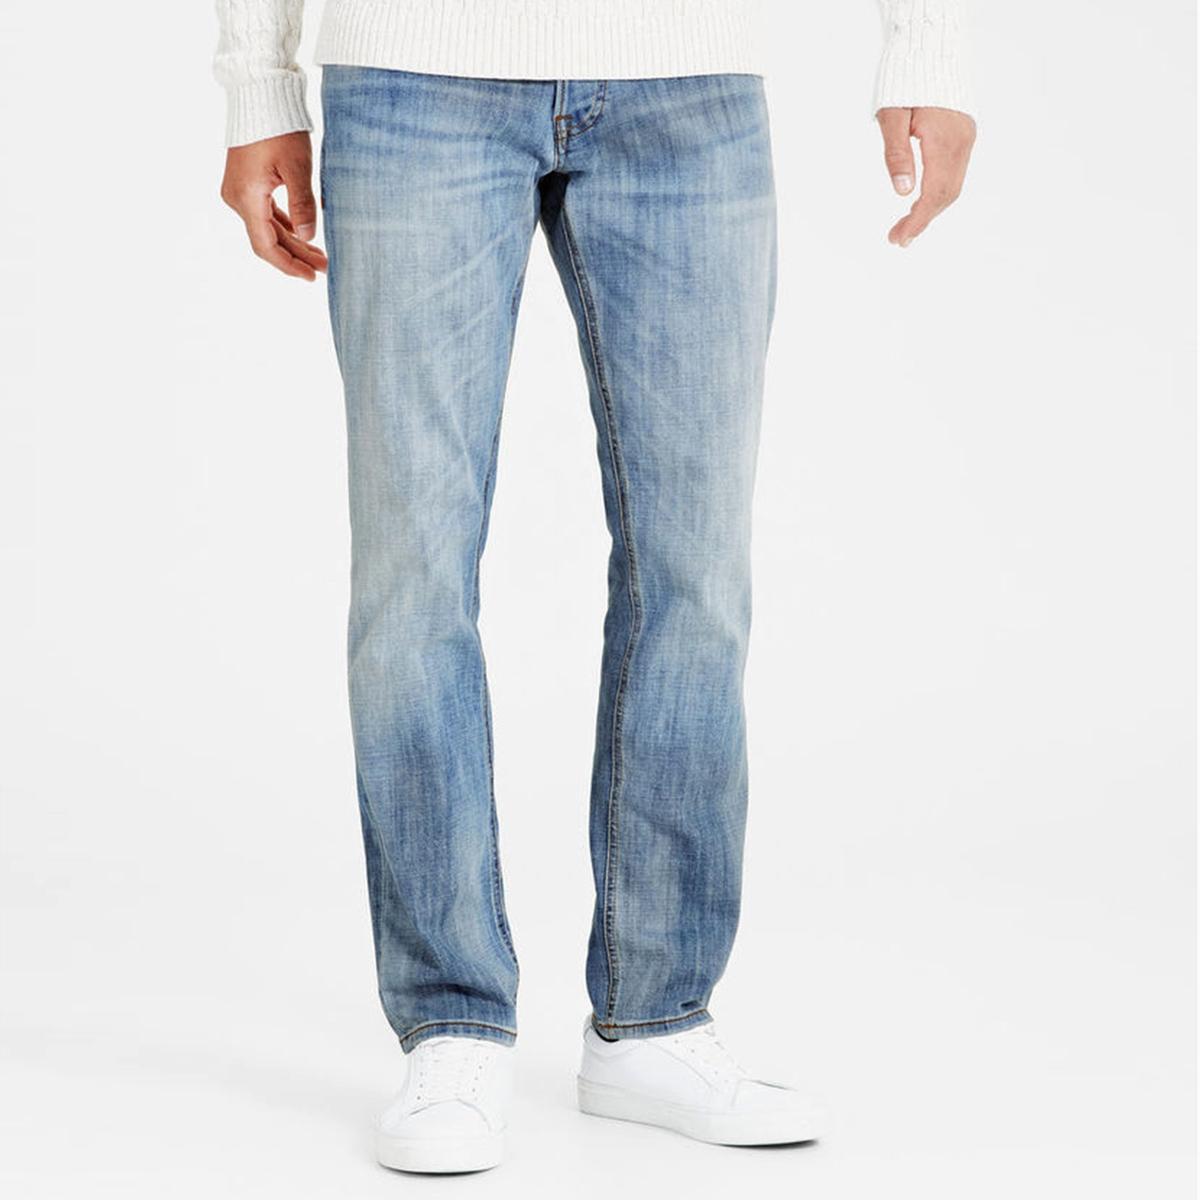 Джинсы узкие JJITIM ORIGINAL GE 987Узкие джинсы. Пояс со шлевками. Планка застежки на молнию.Состав и описание :Материал         деним стретч, 99% хлопка, 1% эластанаМарка         JACK &amp; JONESУход :Машинная стирка при 30 °С с вещами схожих цветовСтирать и гладить с изнаночной стороныГладить при умеренной температуре<br><br>Цвет: выбеленный<br>Размер: 34 длина 32 (US).32 (US) длина 32